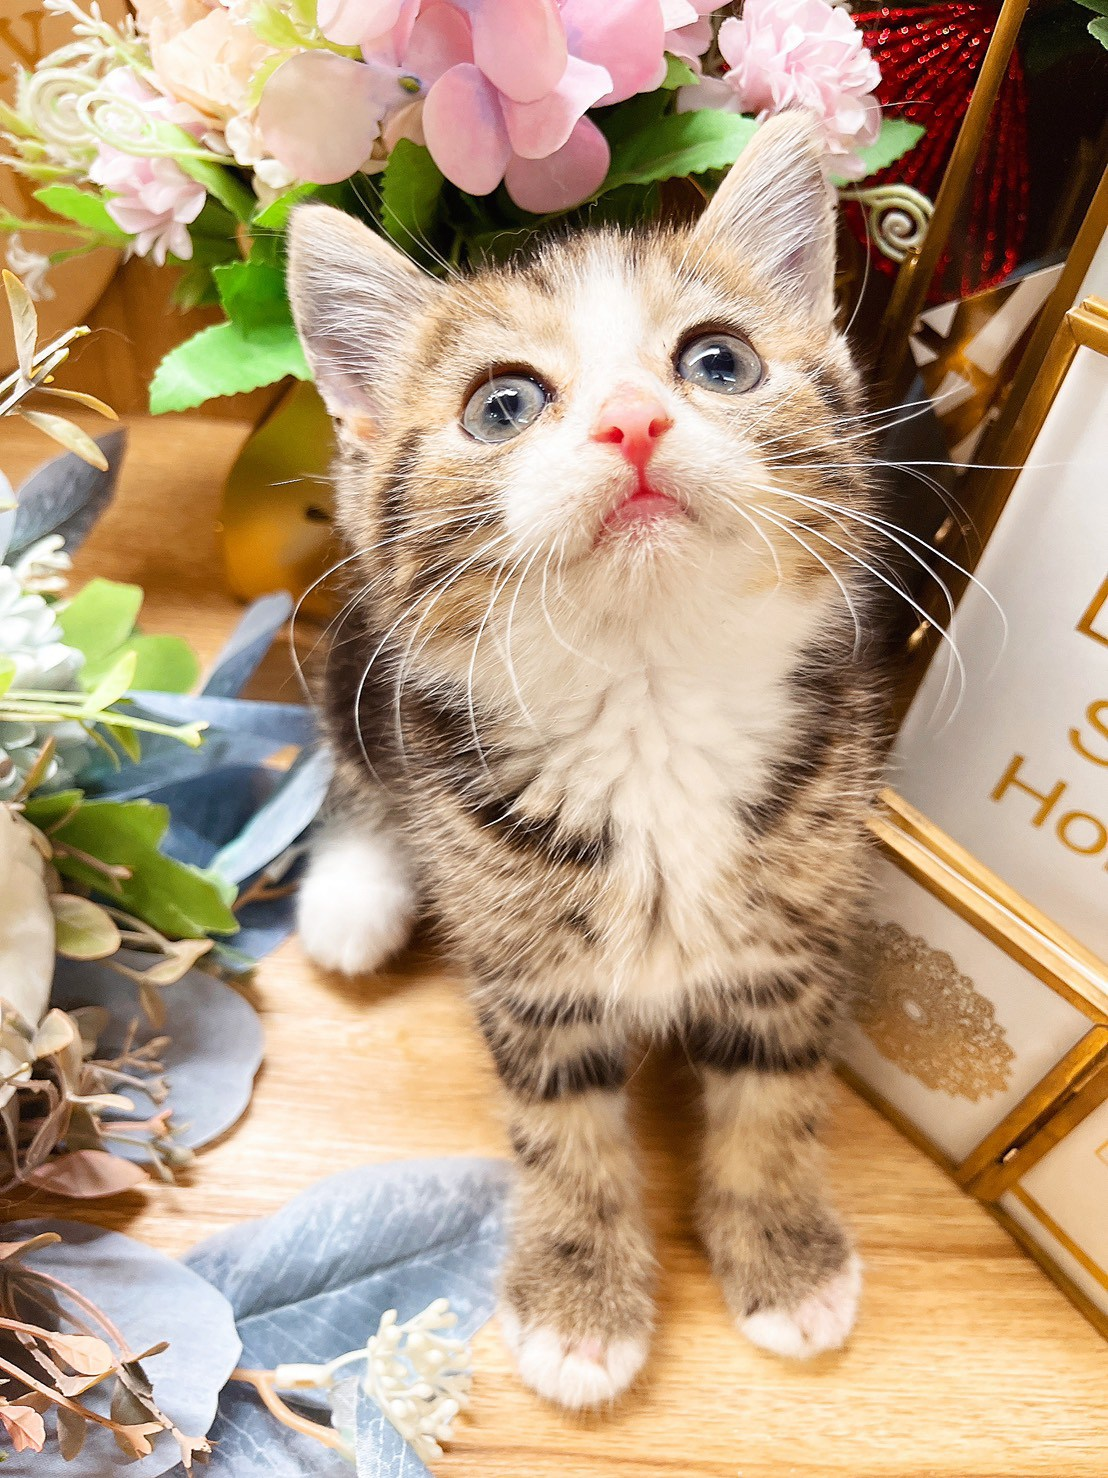 月亮糖糖喵樂園/虎斑賓士英國短毛貓